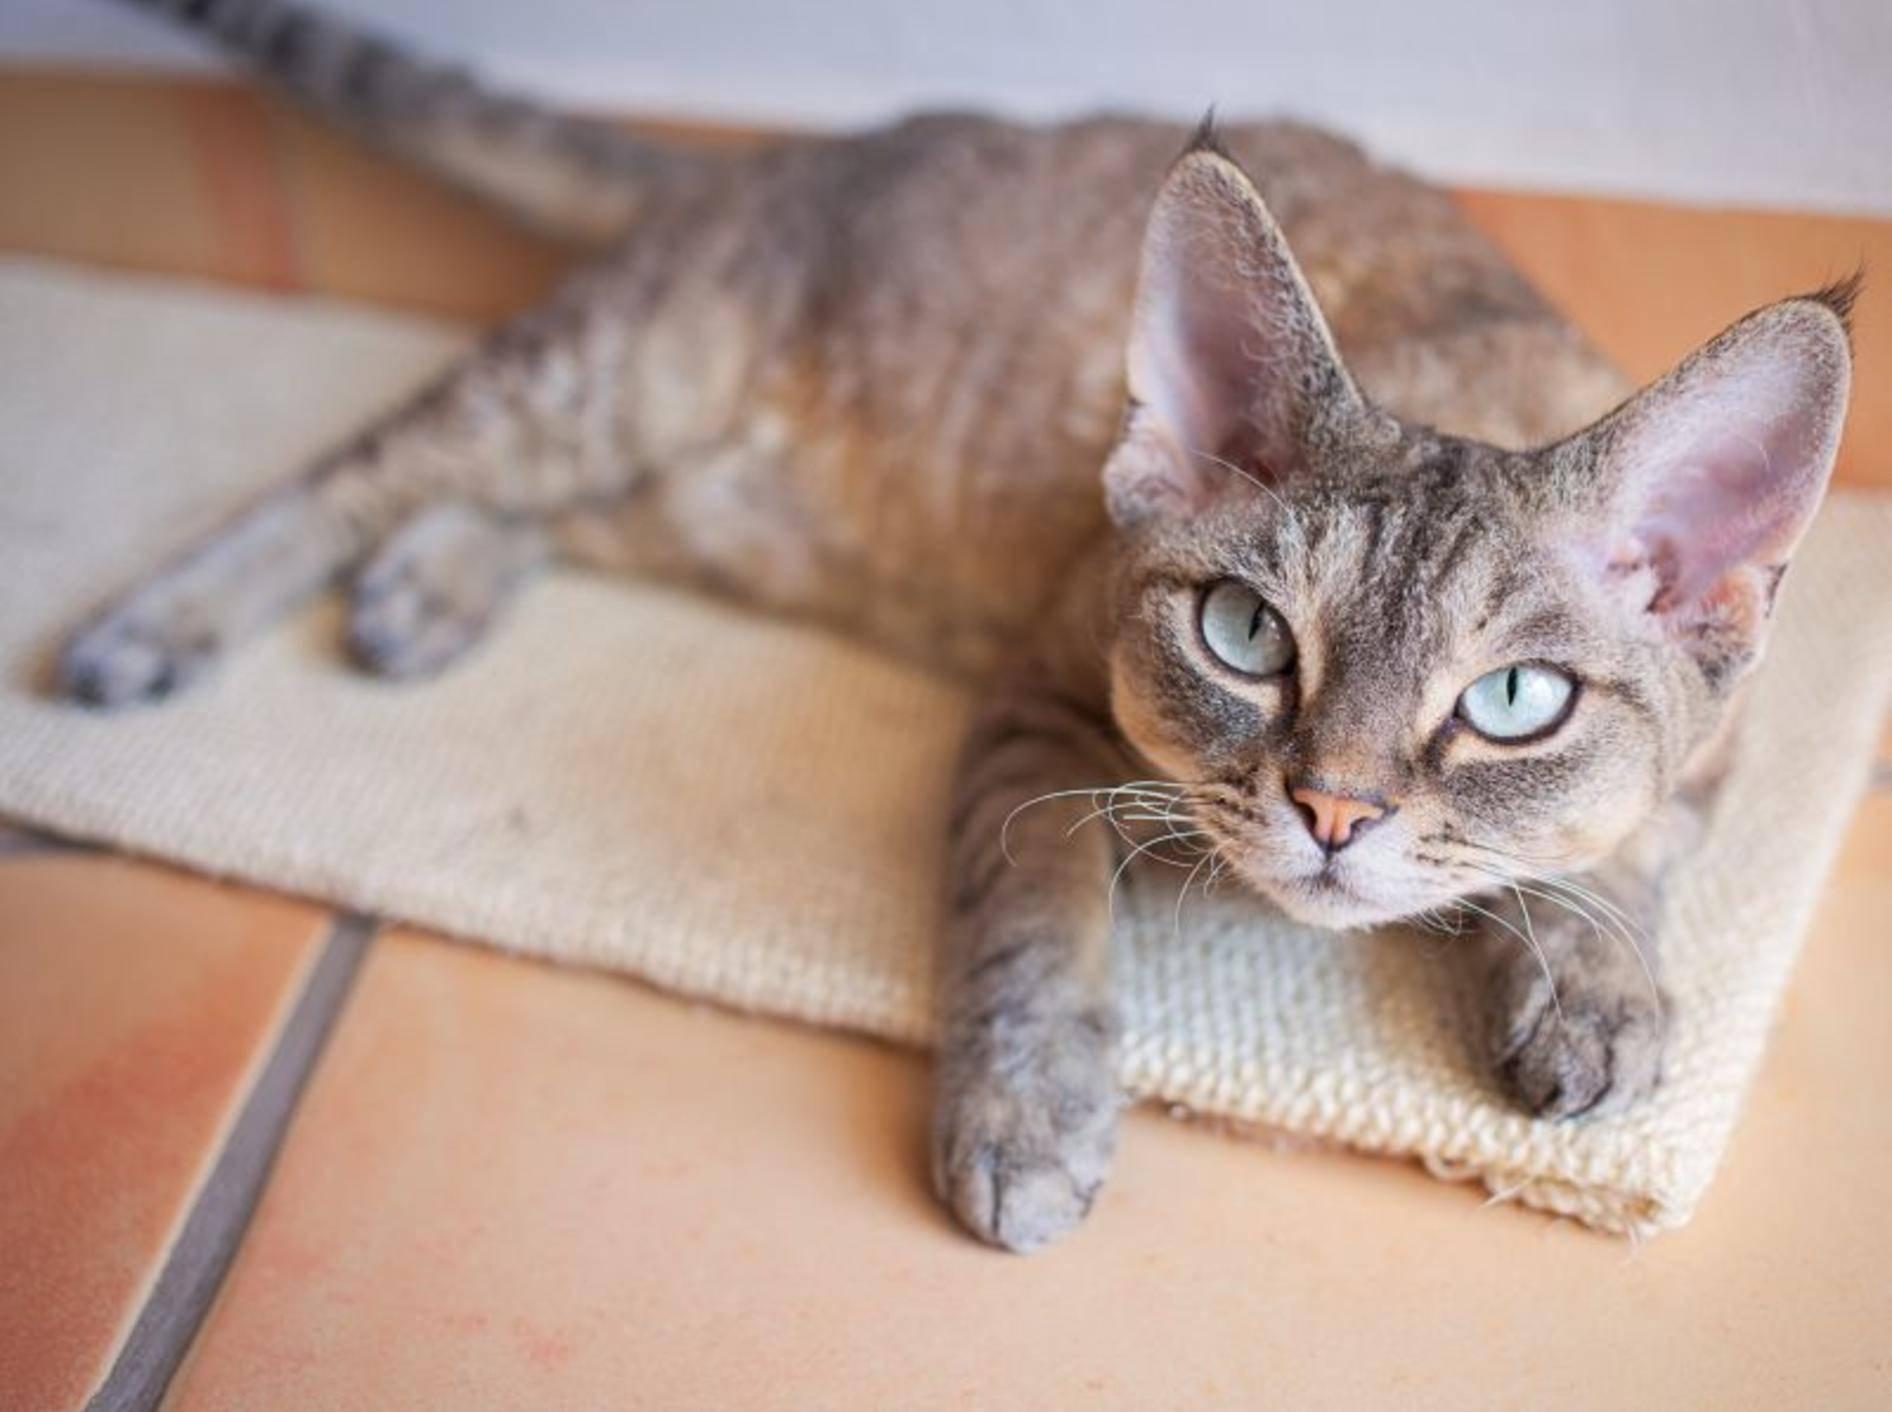 Kratzteppich für Katzen zum Spielen und Krallenwetzen – Bild: Shutterstock / Veera